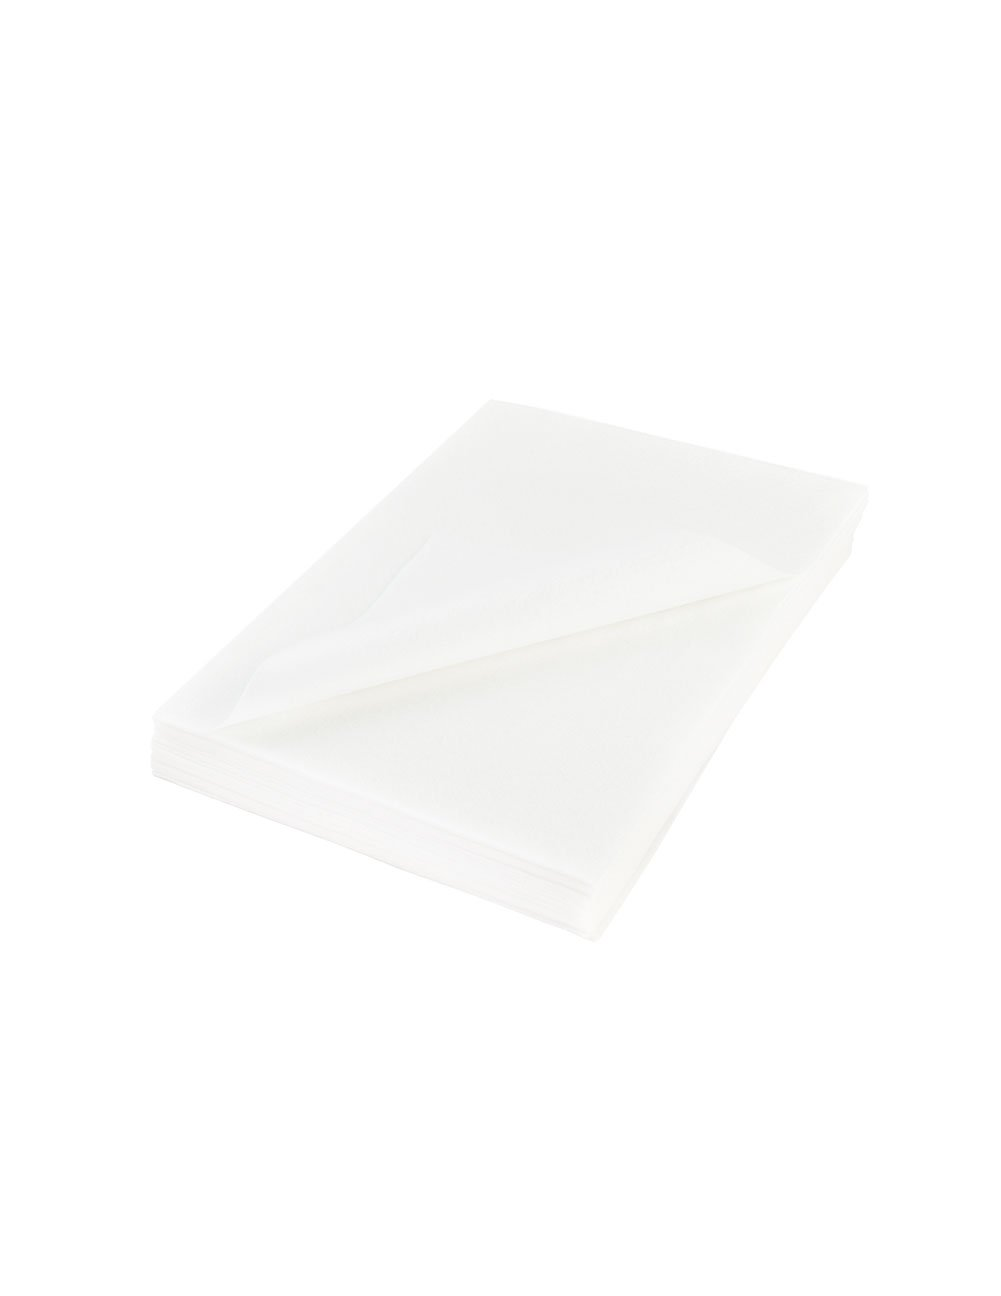 """Acrylic Felt Sheet 9"""" X 12"""": 25 PCS, White"""